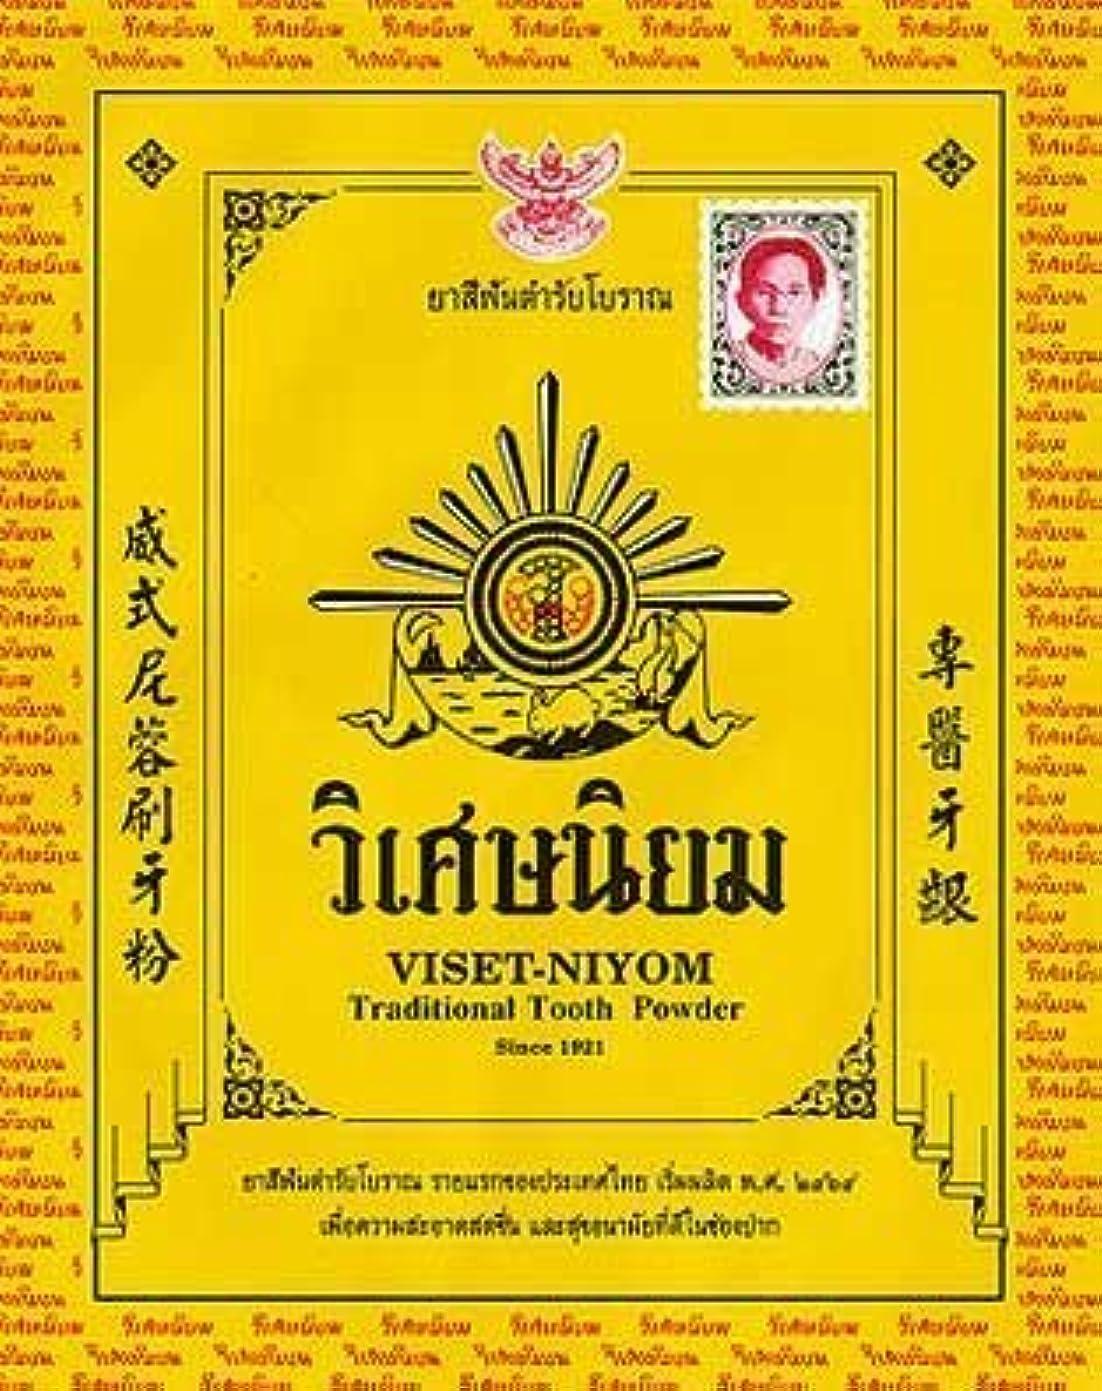 優しい共感するコンパニオン3 Sachets X 40g. of Viset Niyom Herbal whitening Toothpaste Powder Thai Original Traditional Toothpaste 120 g....